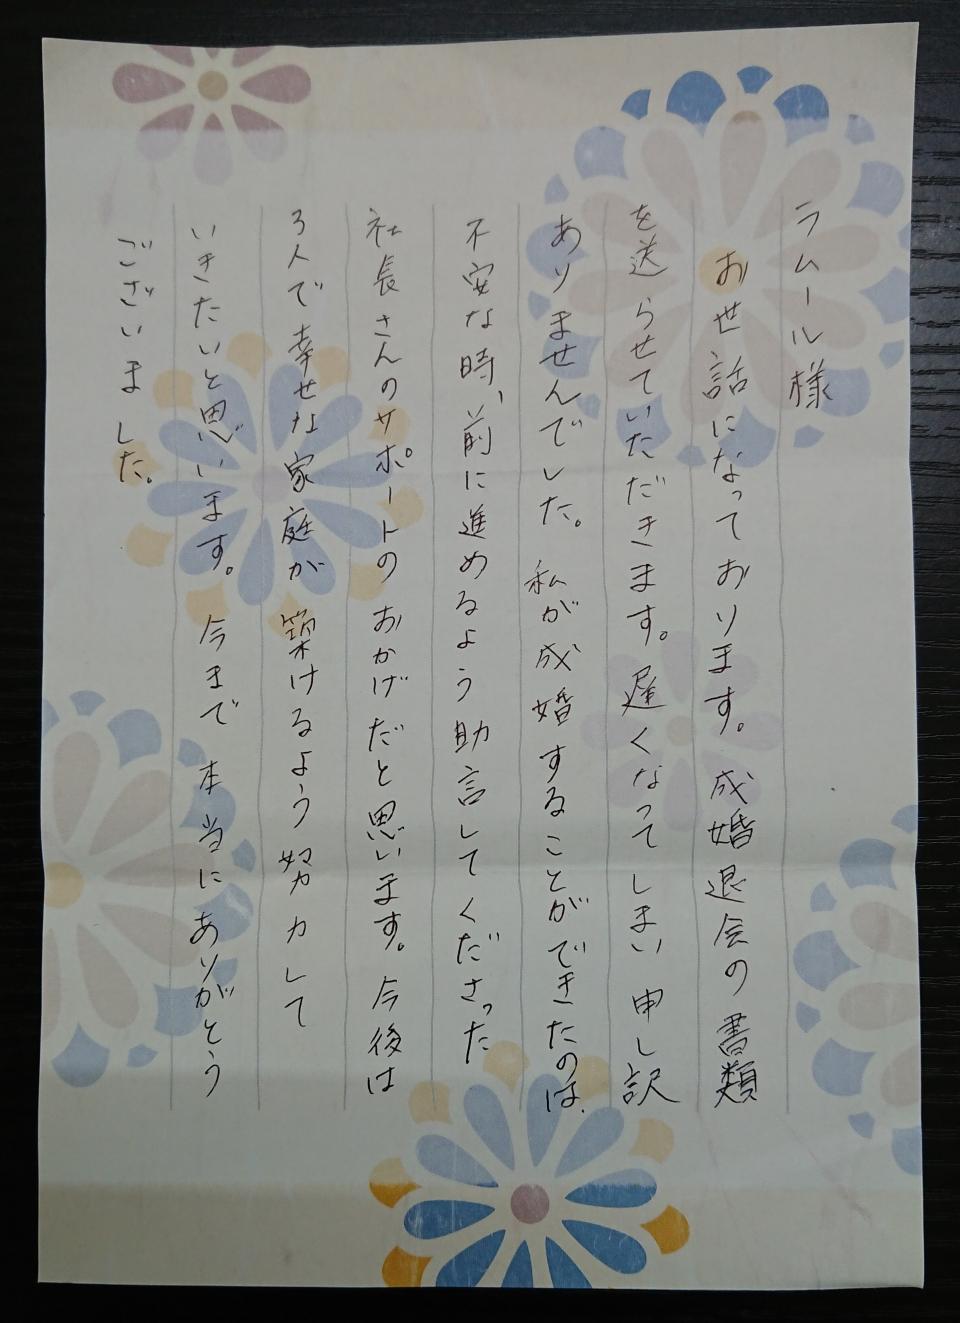 素敵なお手紙をいただきました